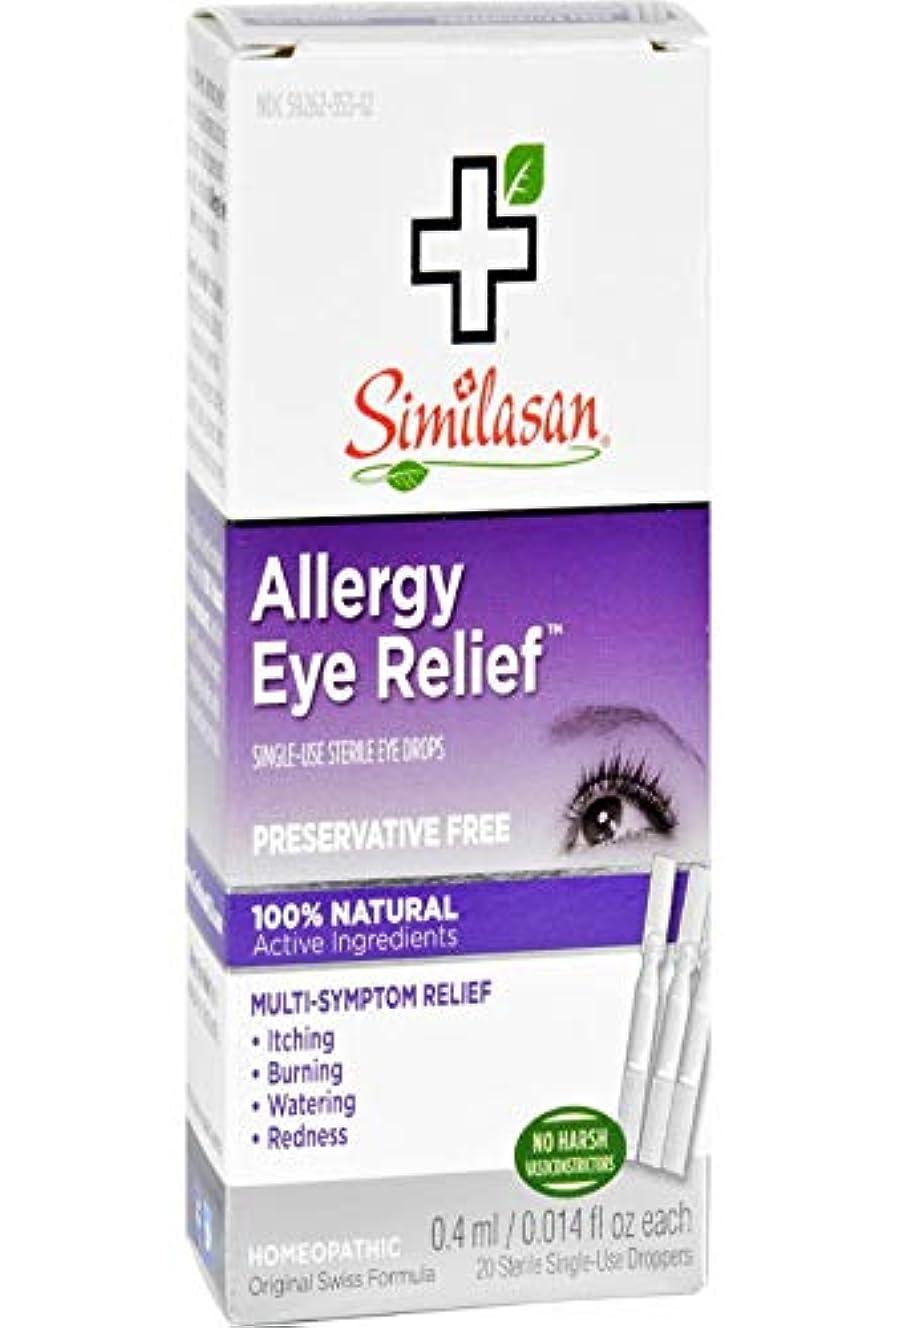 アンペア紛争悪化する海外直送肘 Monodose Eyedrops #2 Allergy Eyes, 20 Dose (2.3 OZ)